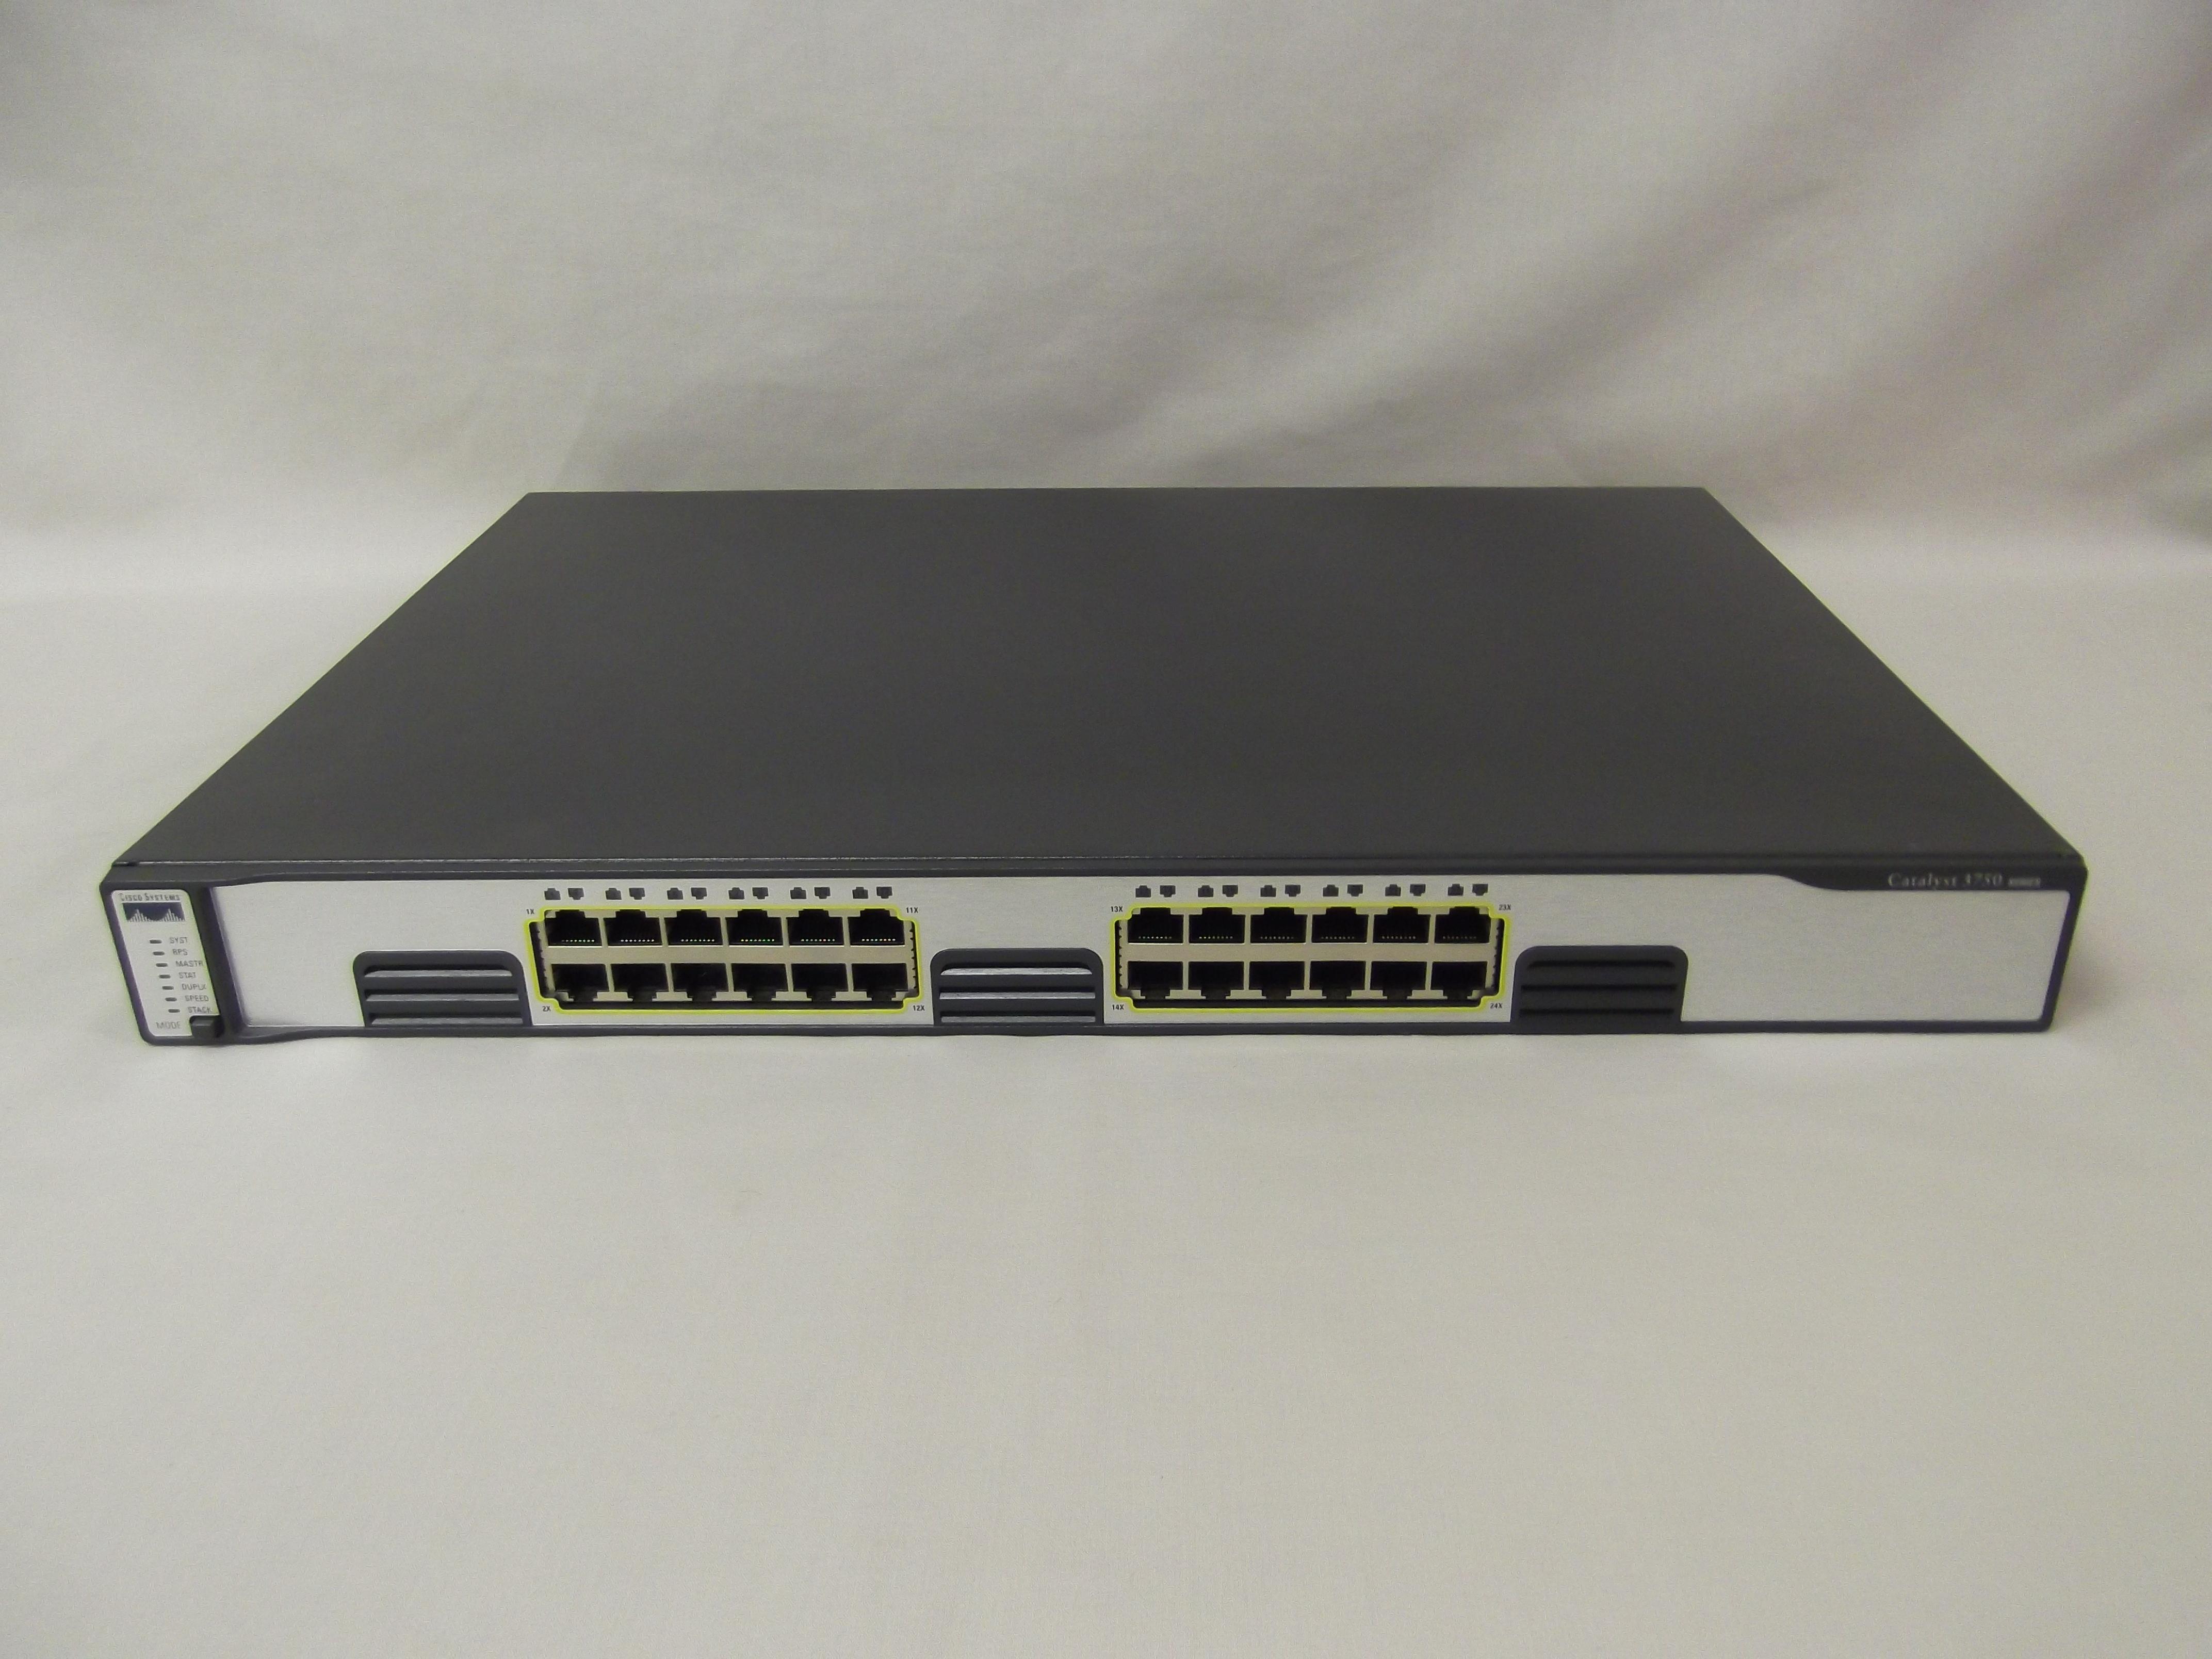 Ws C3750g 24t E Cisco Catalyst 3750 24 Port Gigabit Layer